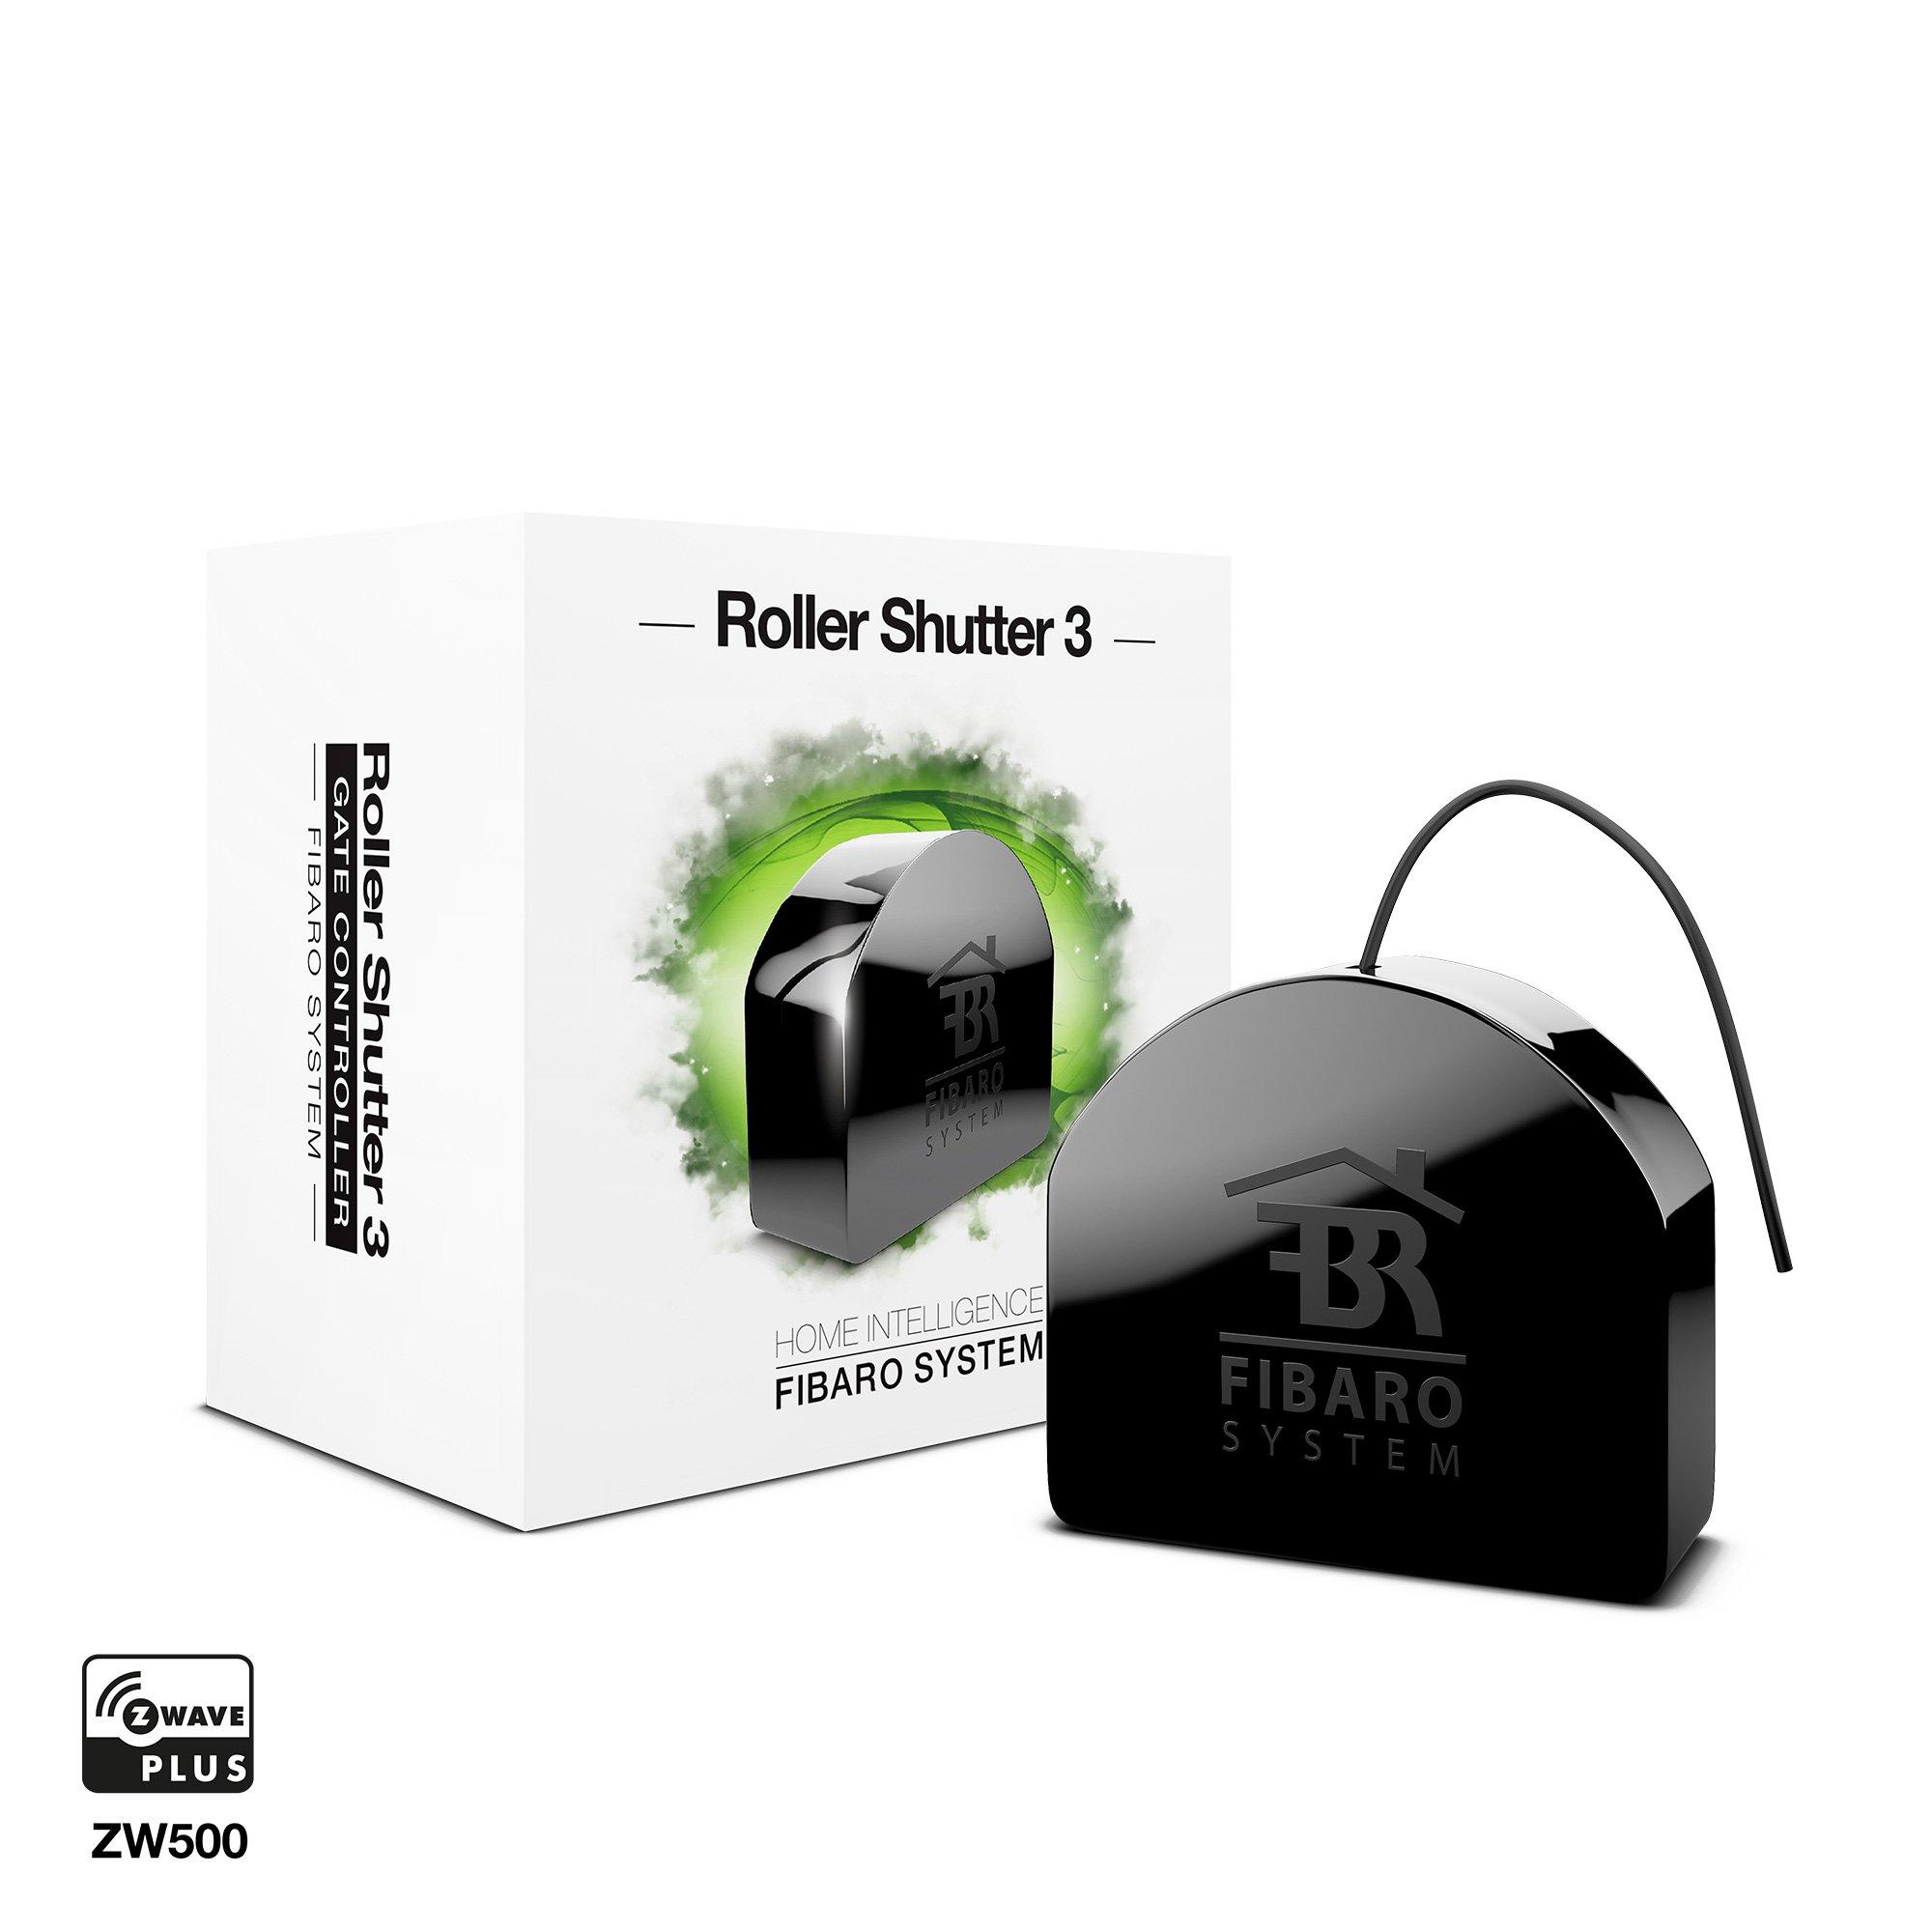 Fibaro Roller Shutter 3 Fgr 223 Is Z Wa Rolling Motor Control